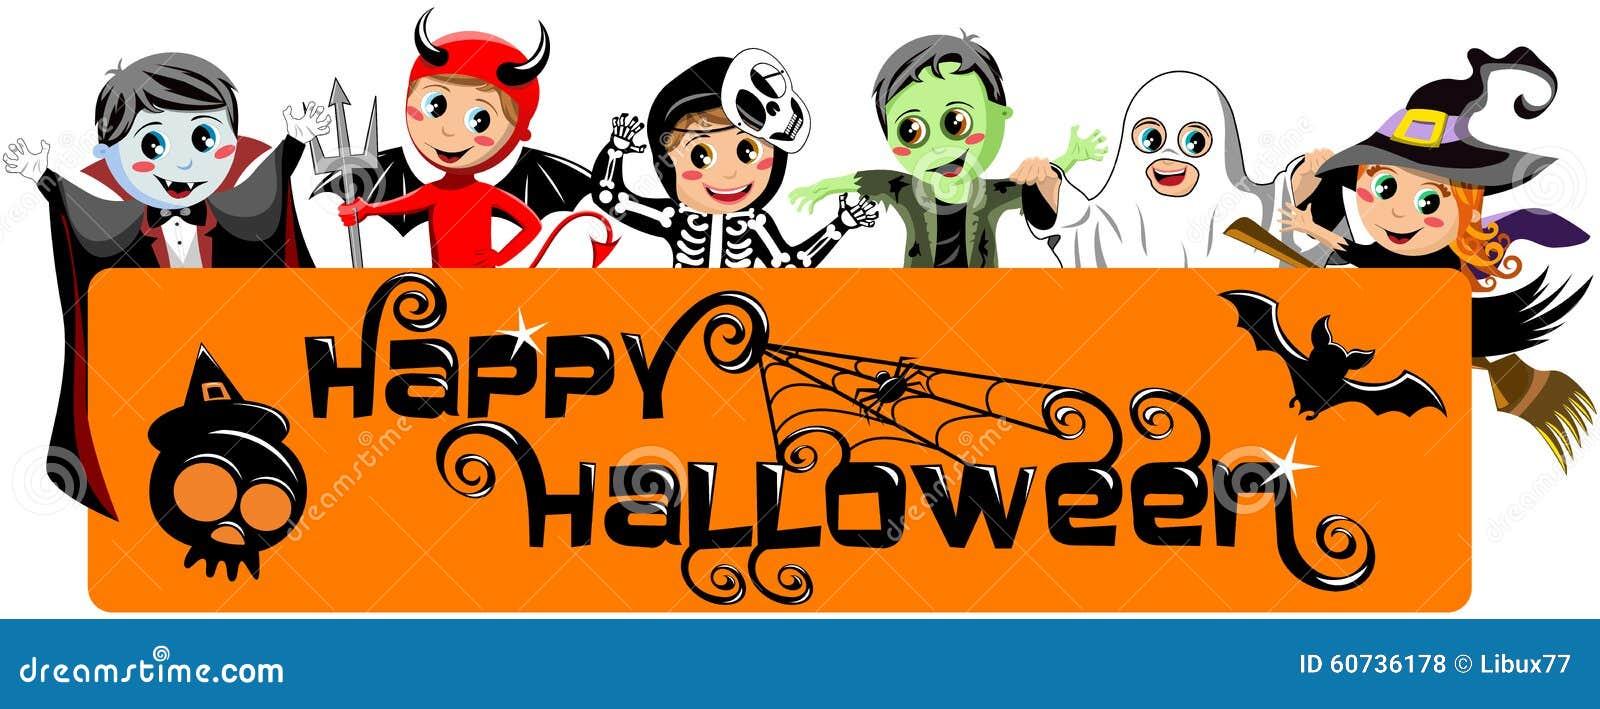 Kids Costume Happy Halloween Banner Stock Vector - Image: 60736178